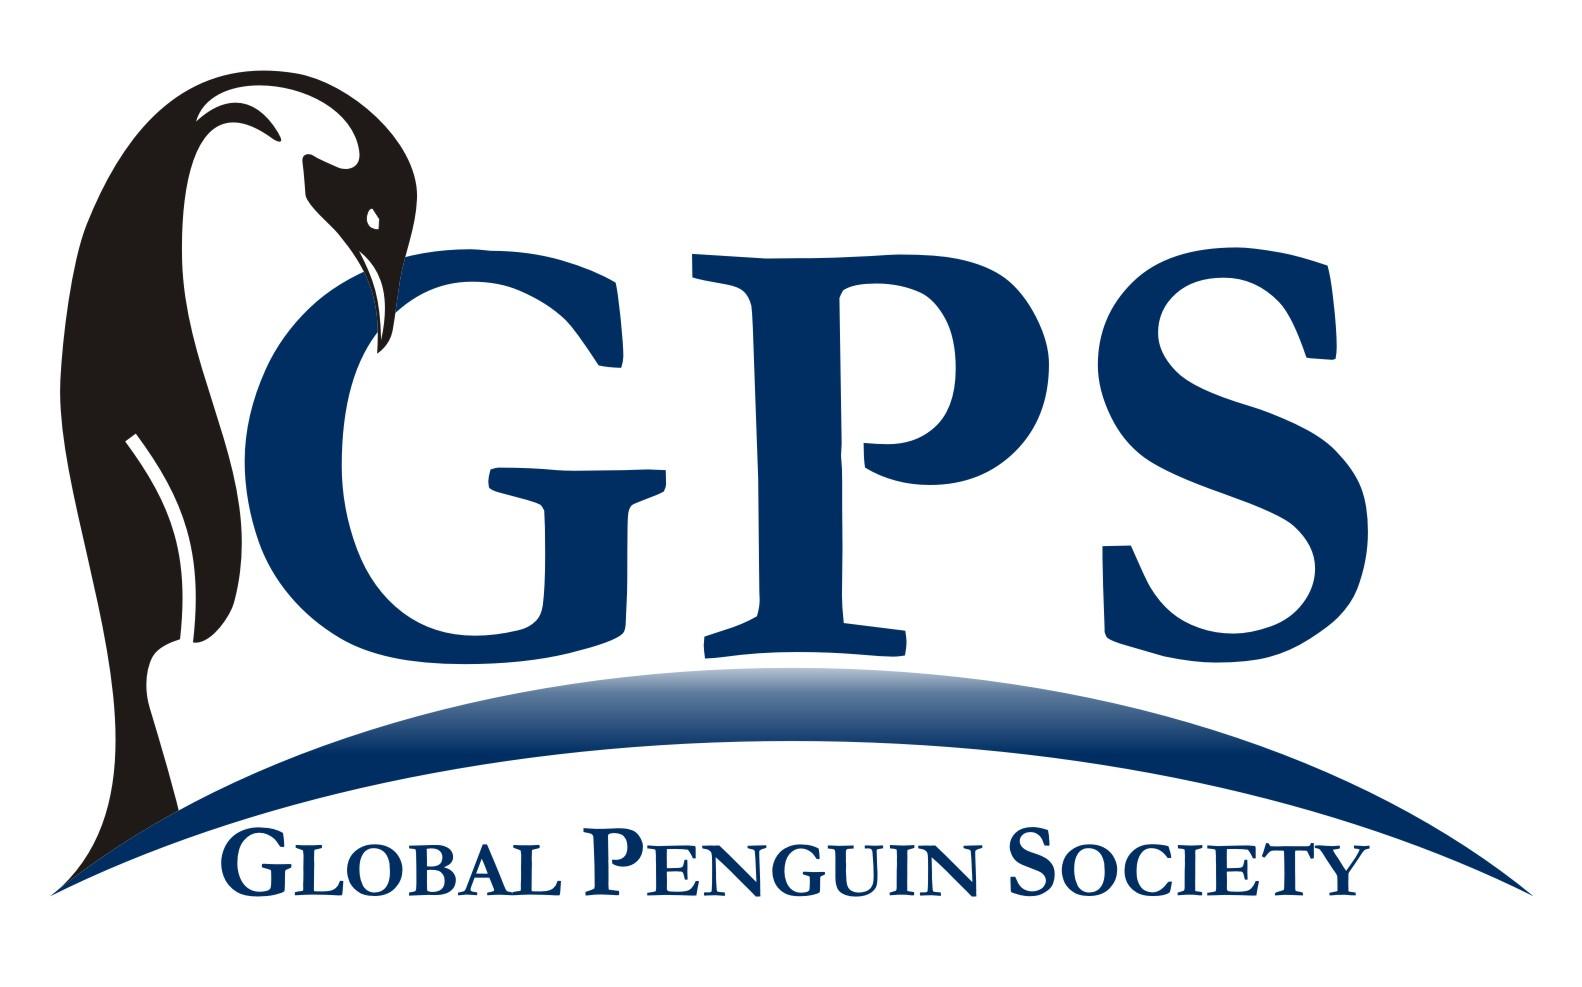 logo for Global Penguin Society